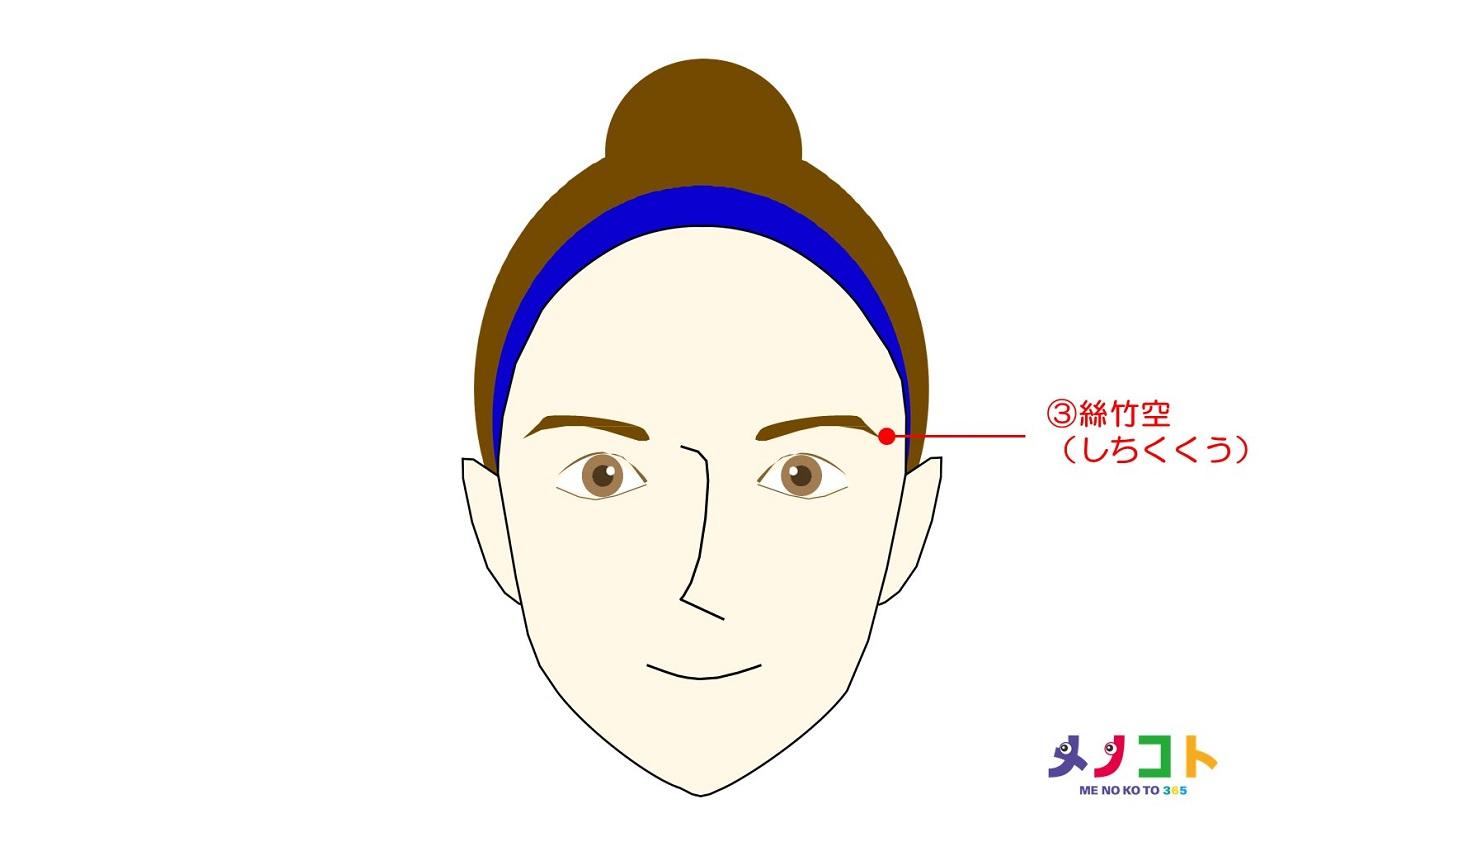 痙攣 原因 右目 目がピクピク痙攣の原因はストレス?!下まぶたや片目だけはツボや栄養で治そう